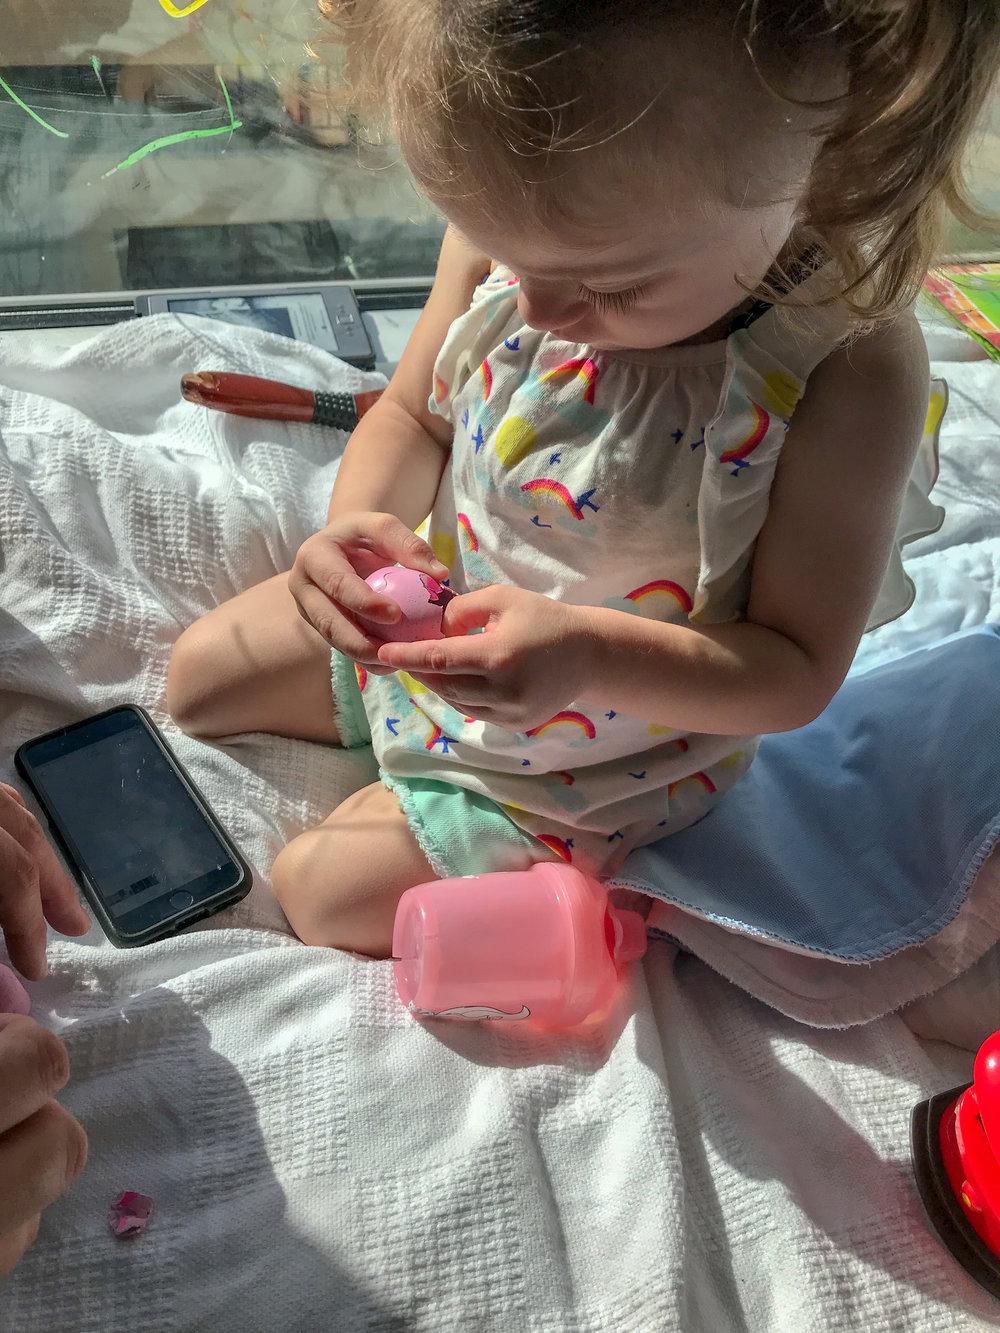 Favorite Hospital Toys - shegotguts.com